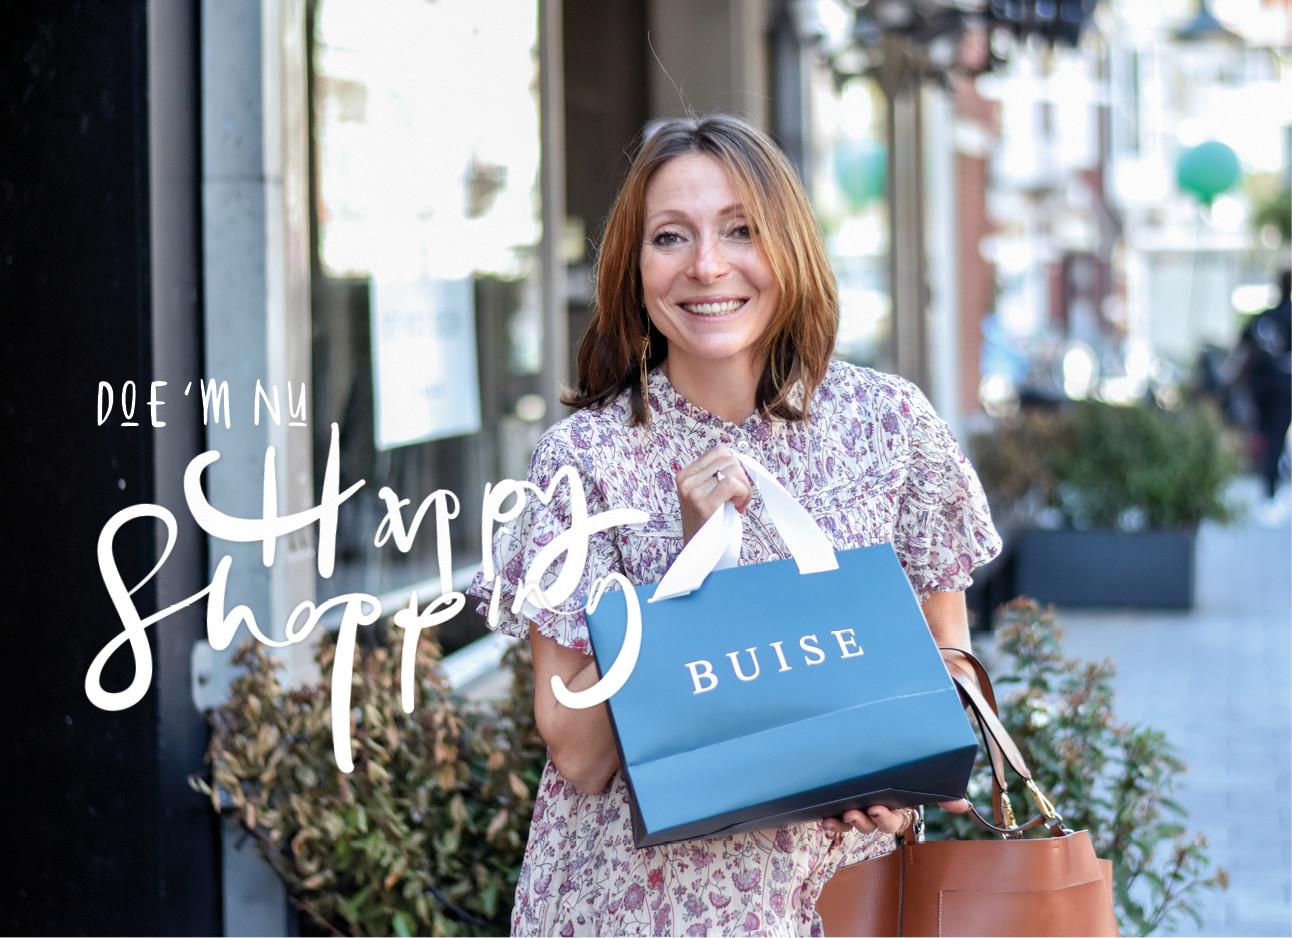 may lachend op straat met een shopping tasje van Buise in Amsterdam